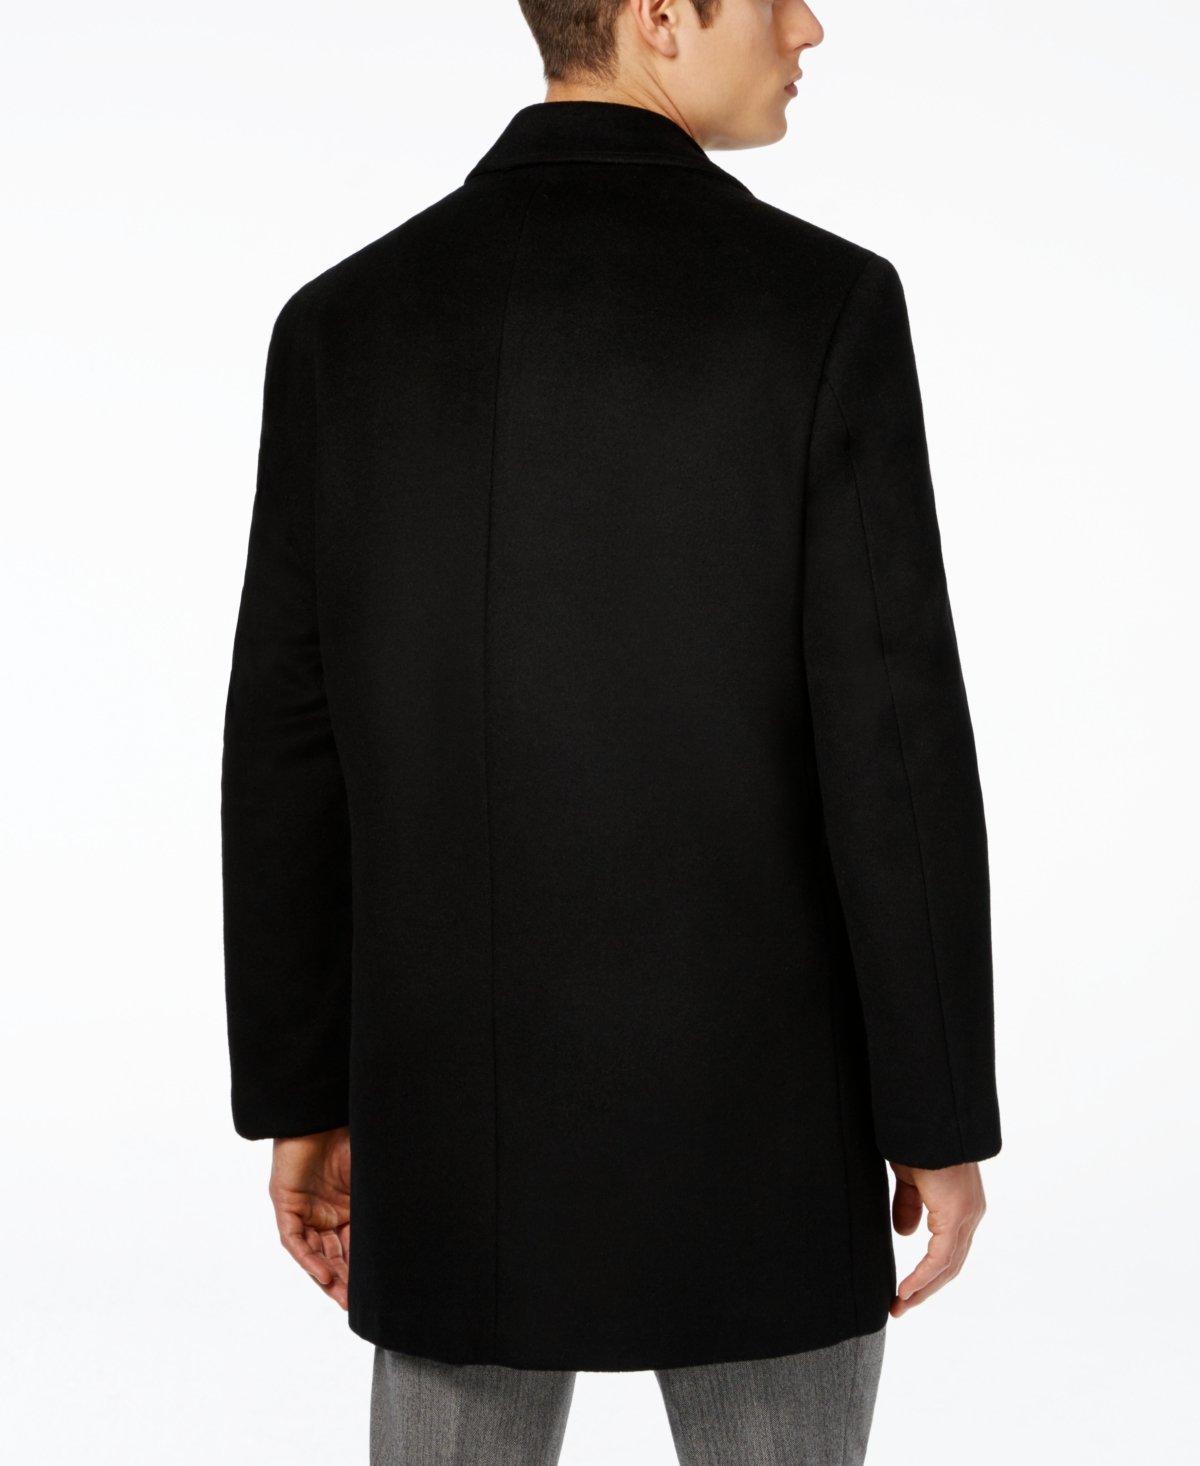 Ralph Lauren Charcoal Herringbone Wool Blend New Men's Coat (40 Short)